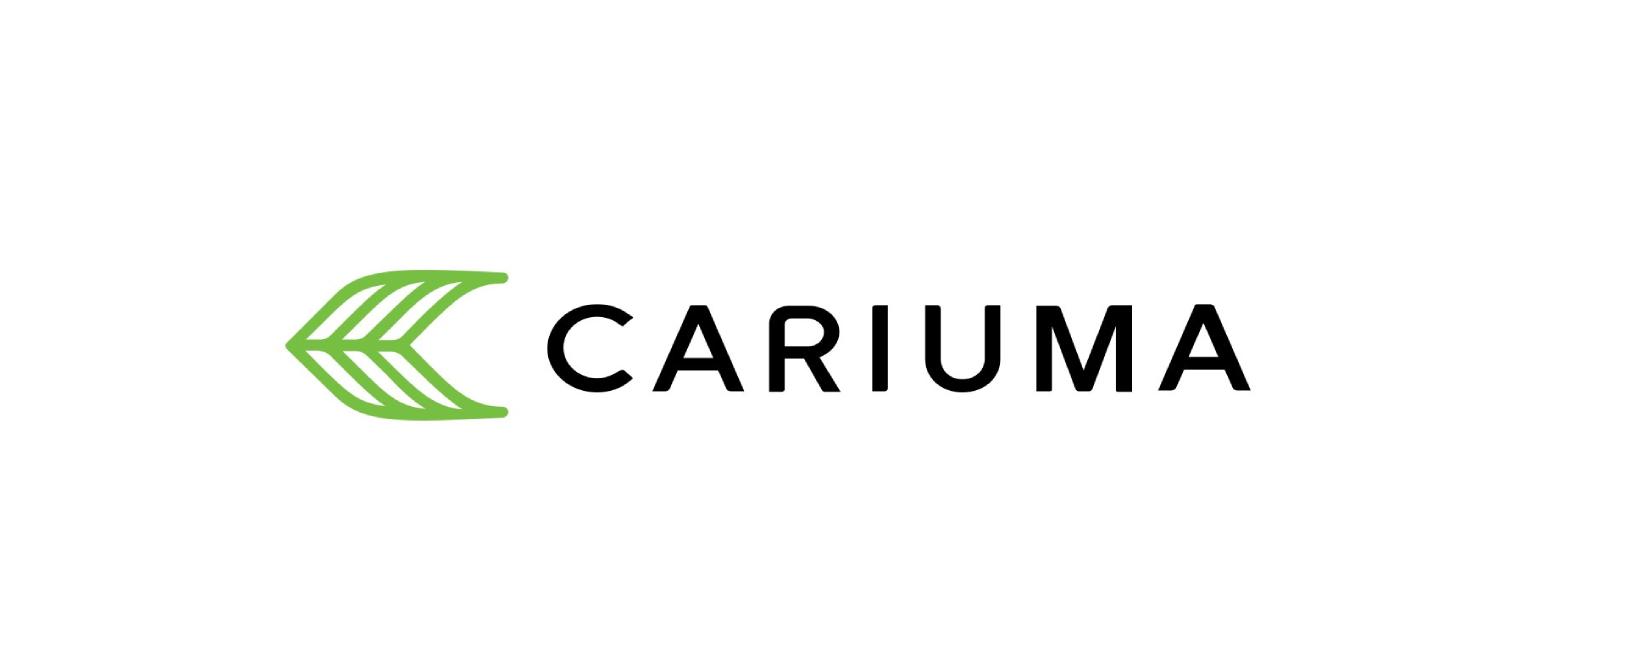 Cariuma Coupon Code 2021